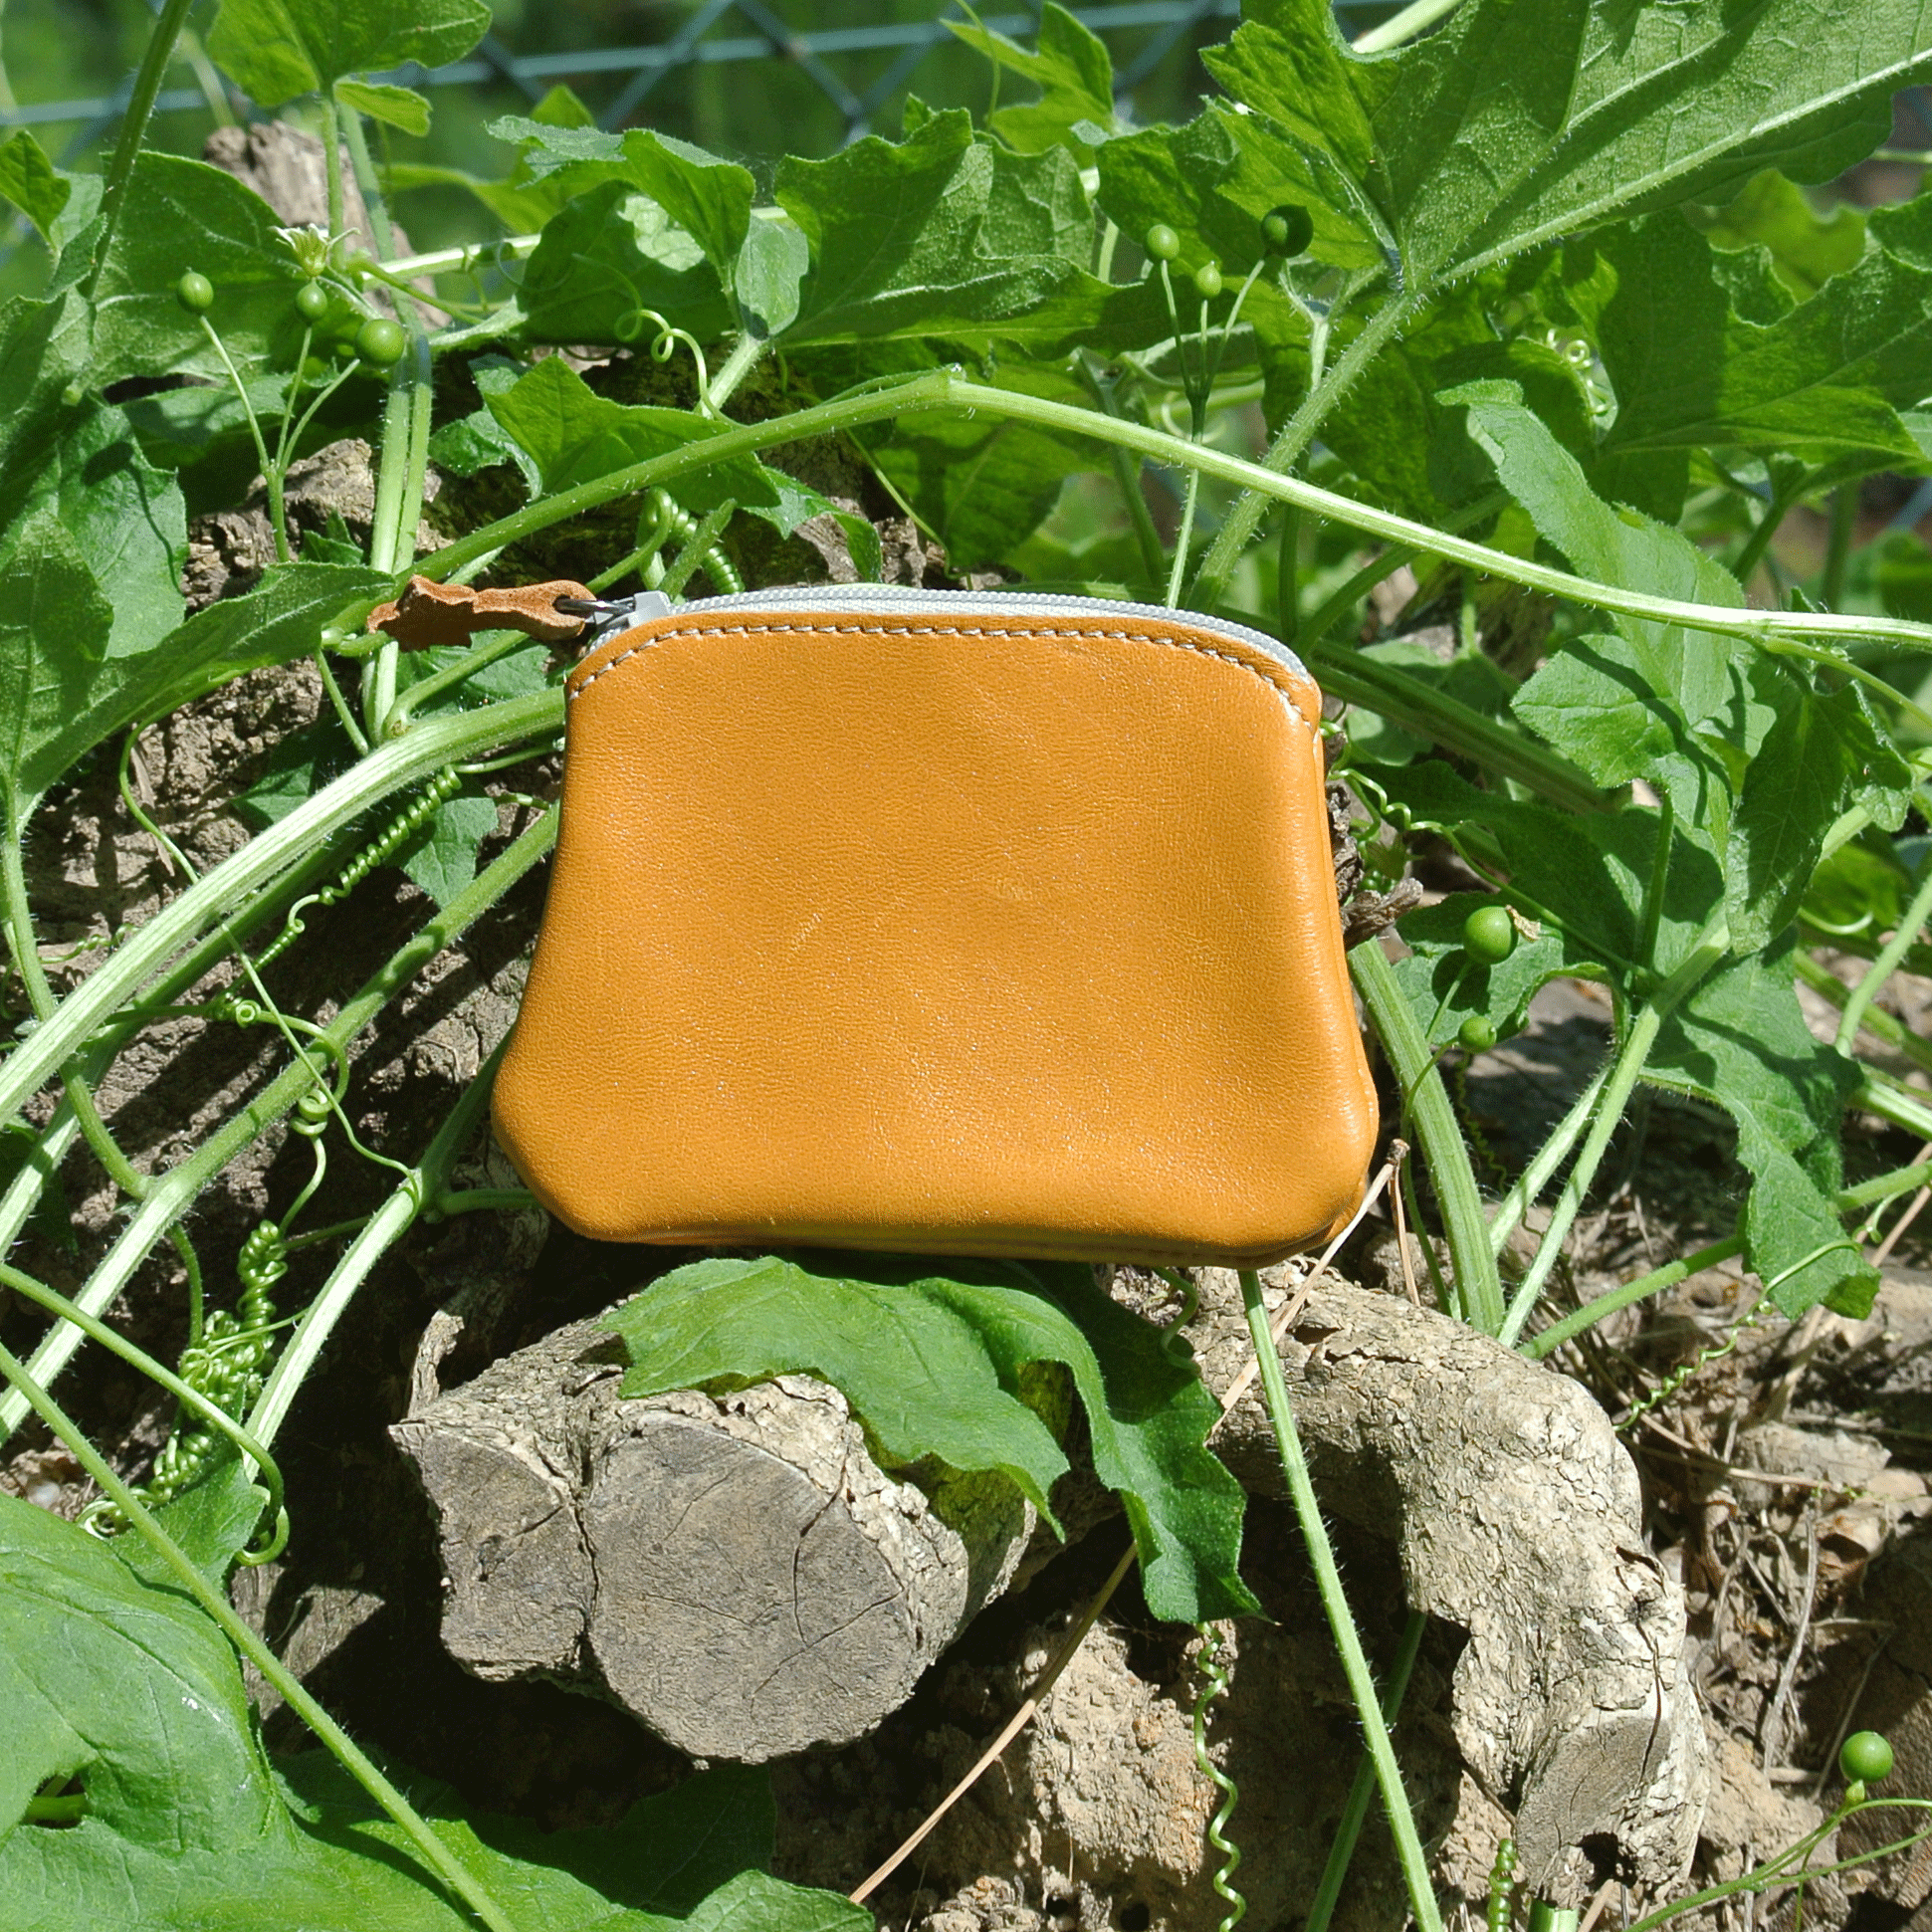 cuirs-fantaisies-la-cartabliere-fabrique-en-france-porte-monnaie-kiwi-en-cuir-glace-miel